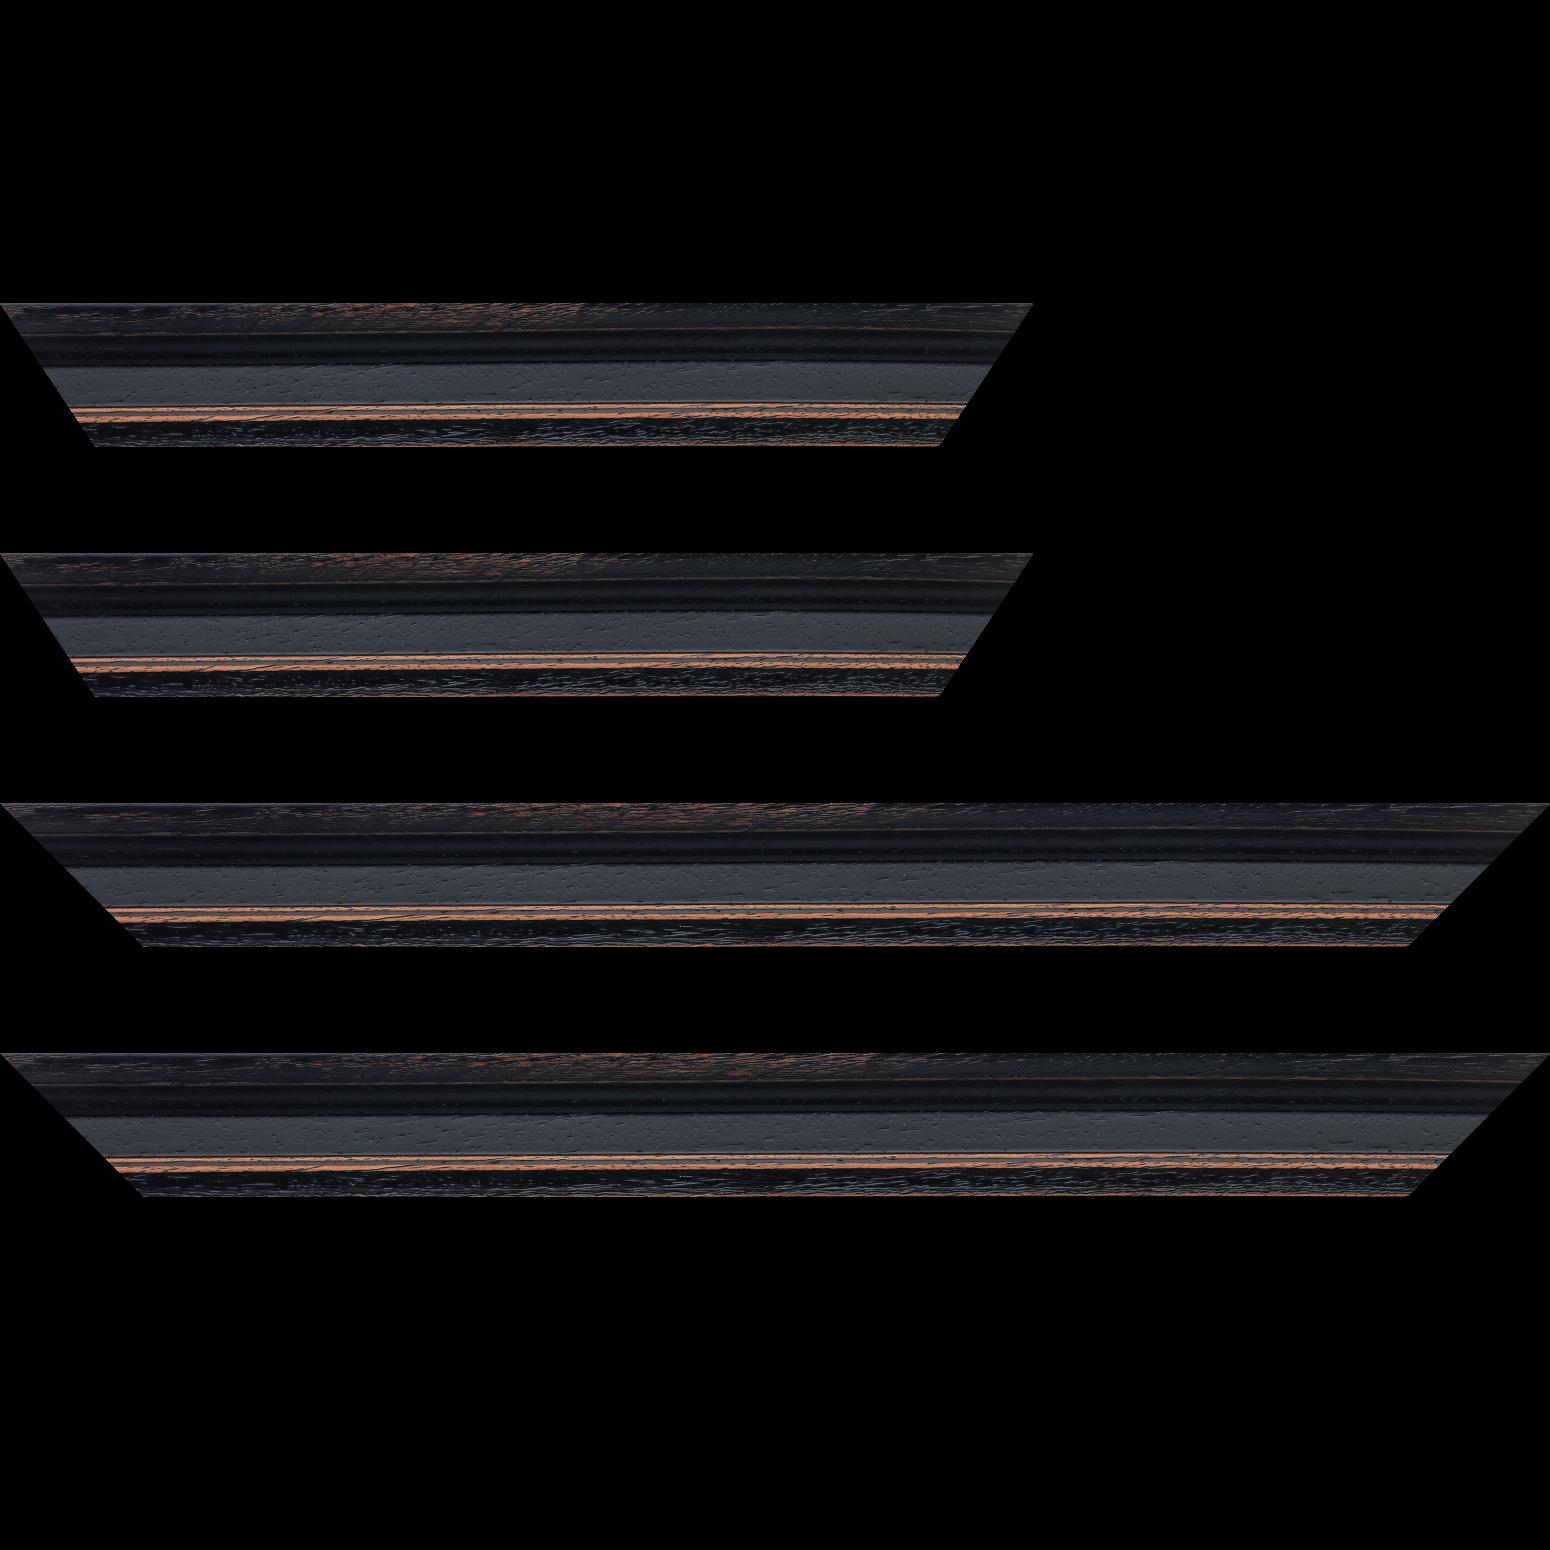 Baguette service précoupé Bois profil braque largeur 4.5cm couleur noir antique